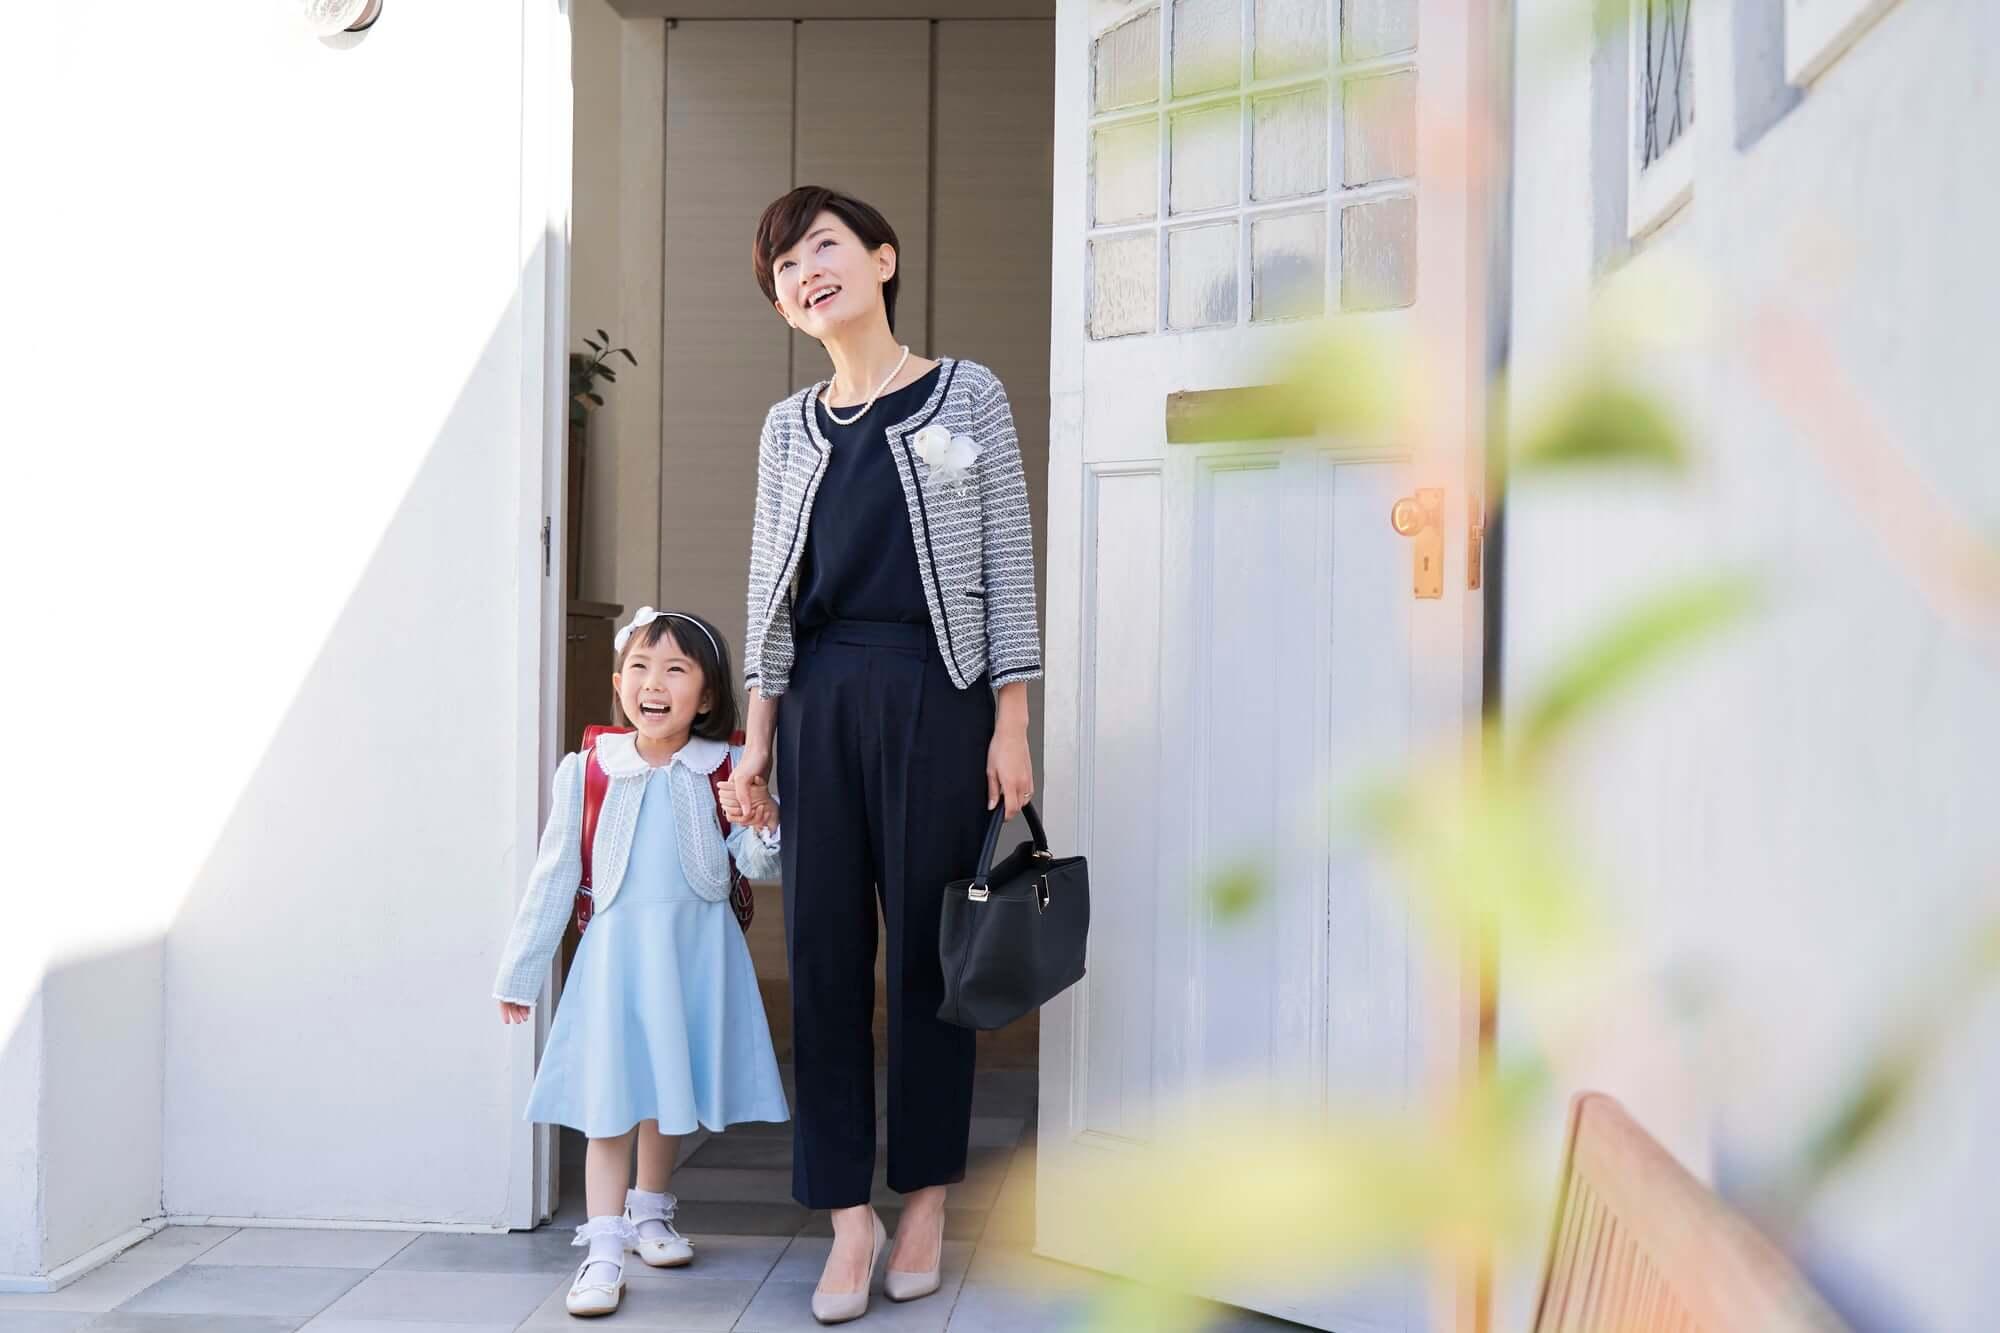 子供と入学式にお出かけする母親